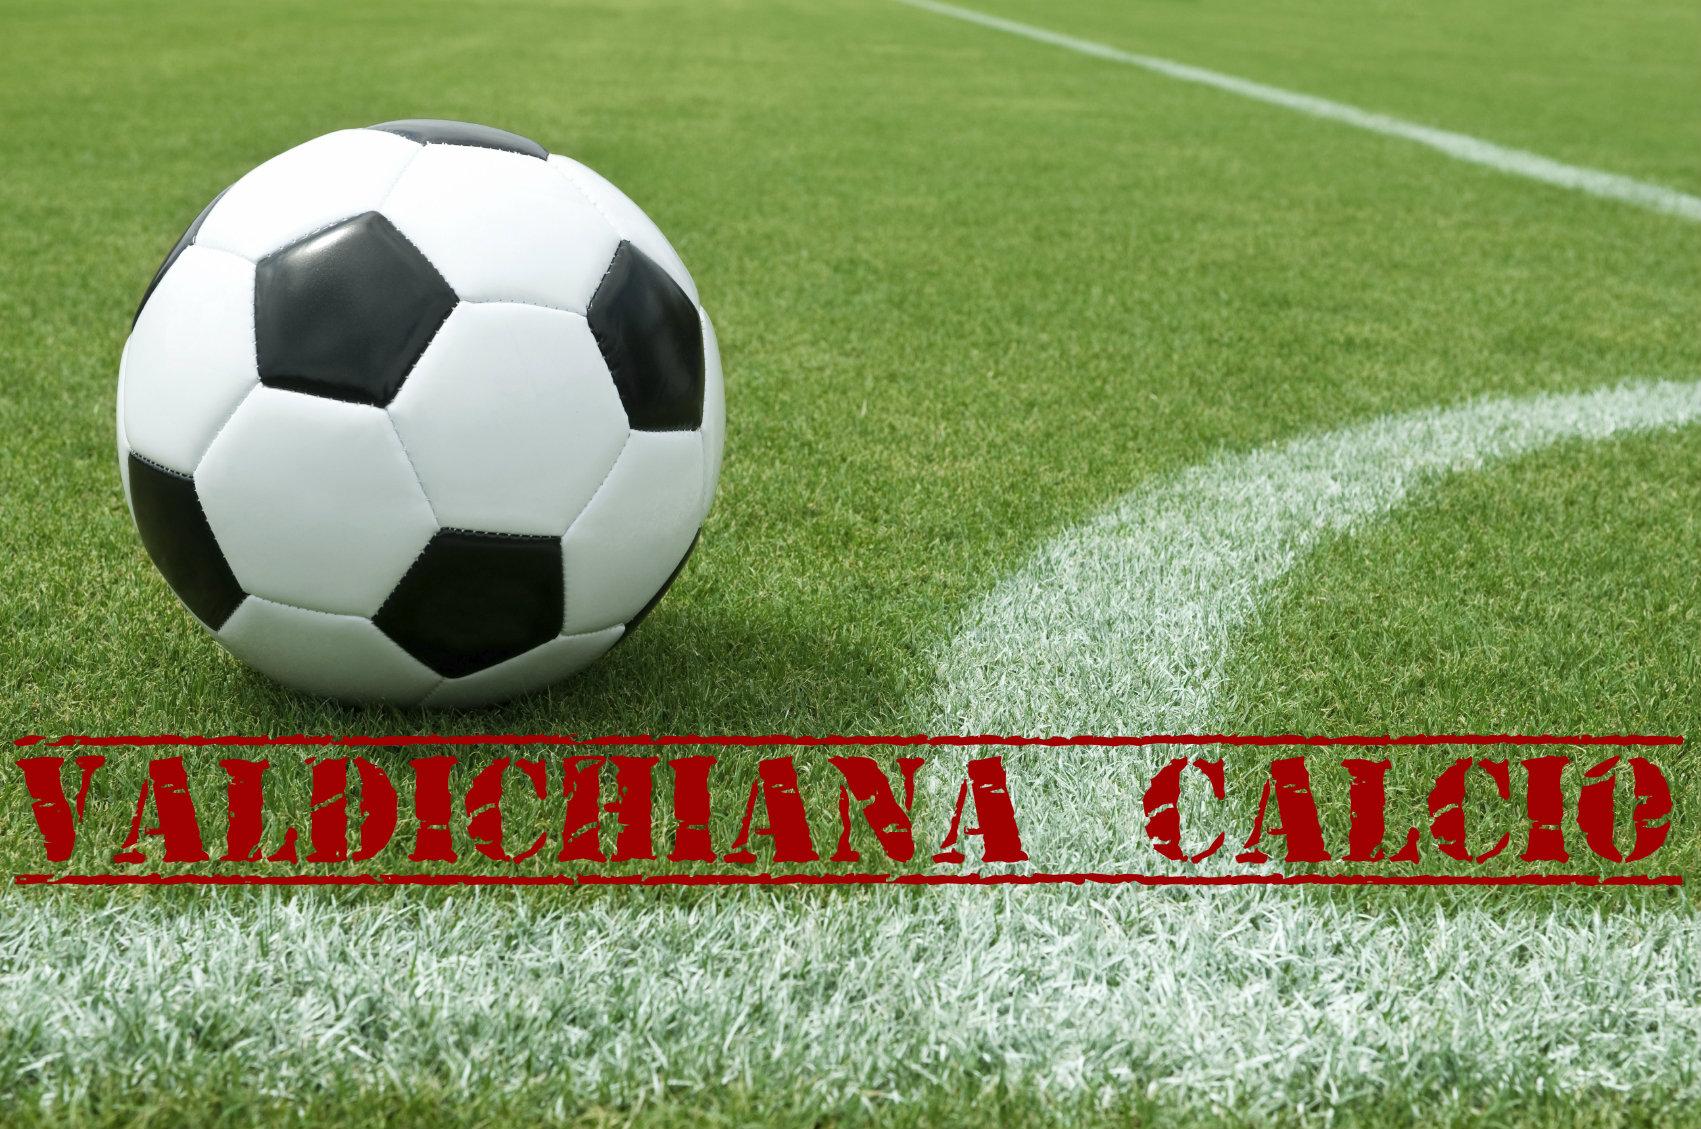 Calcio, risultati di playoff e playout